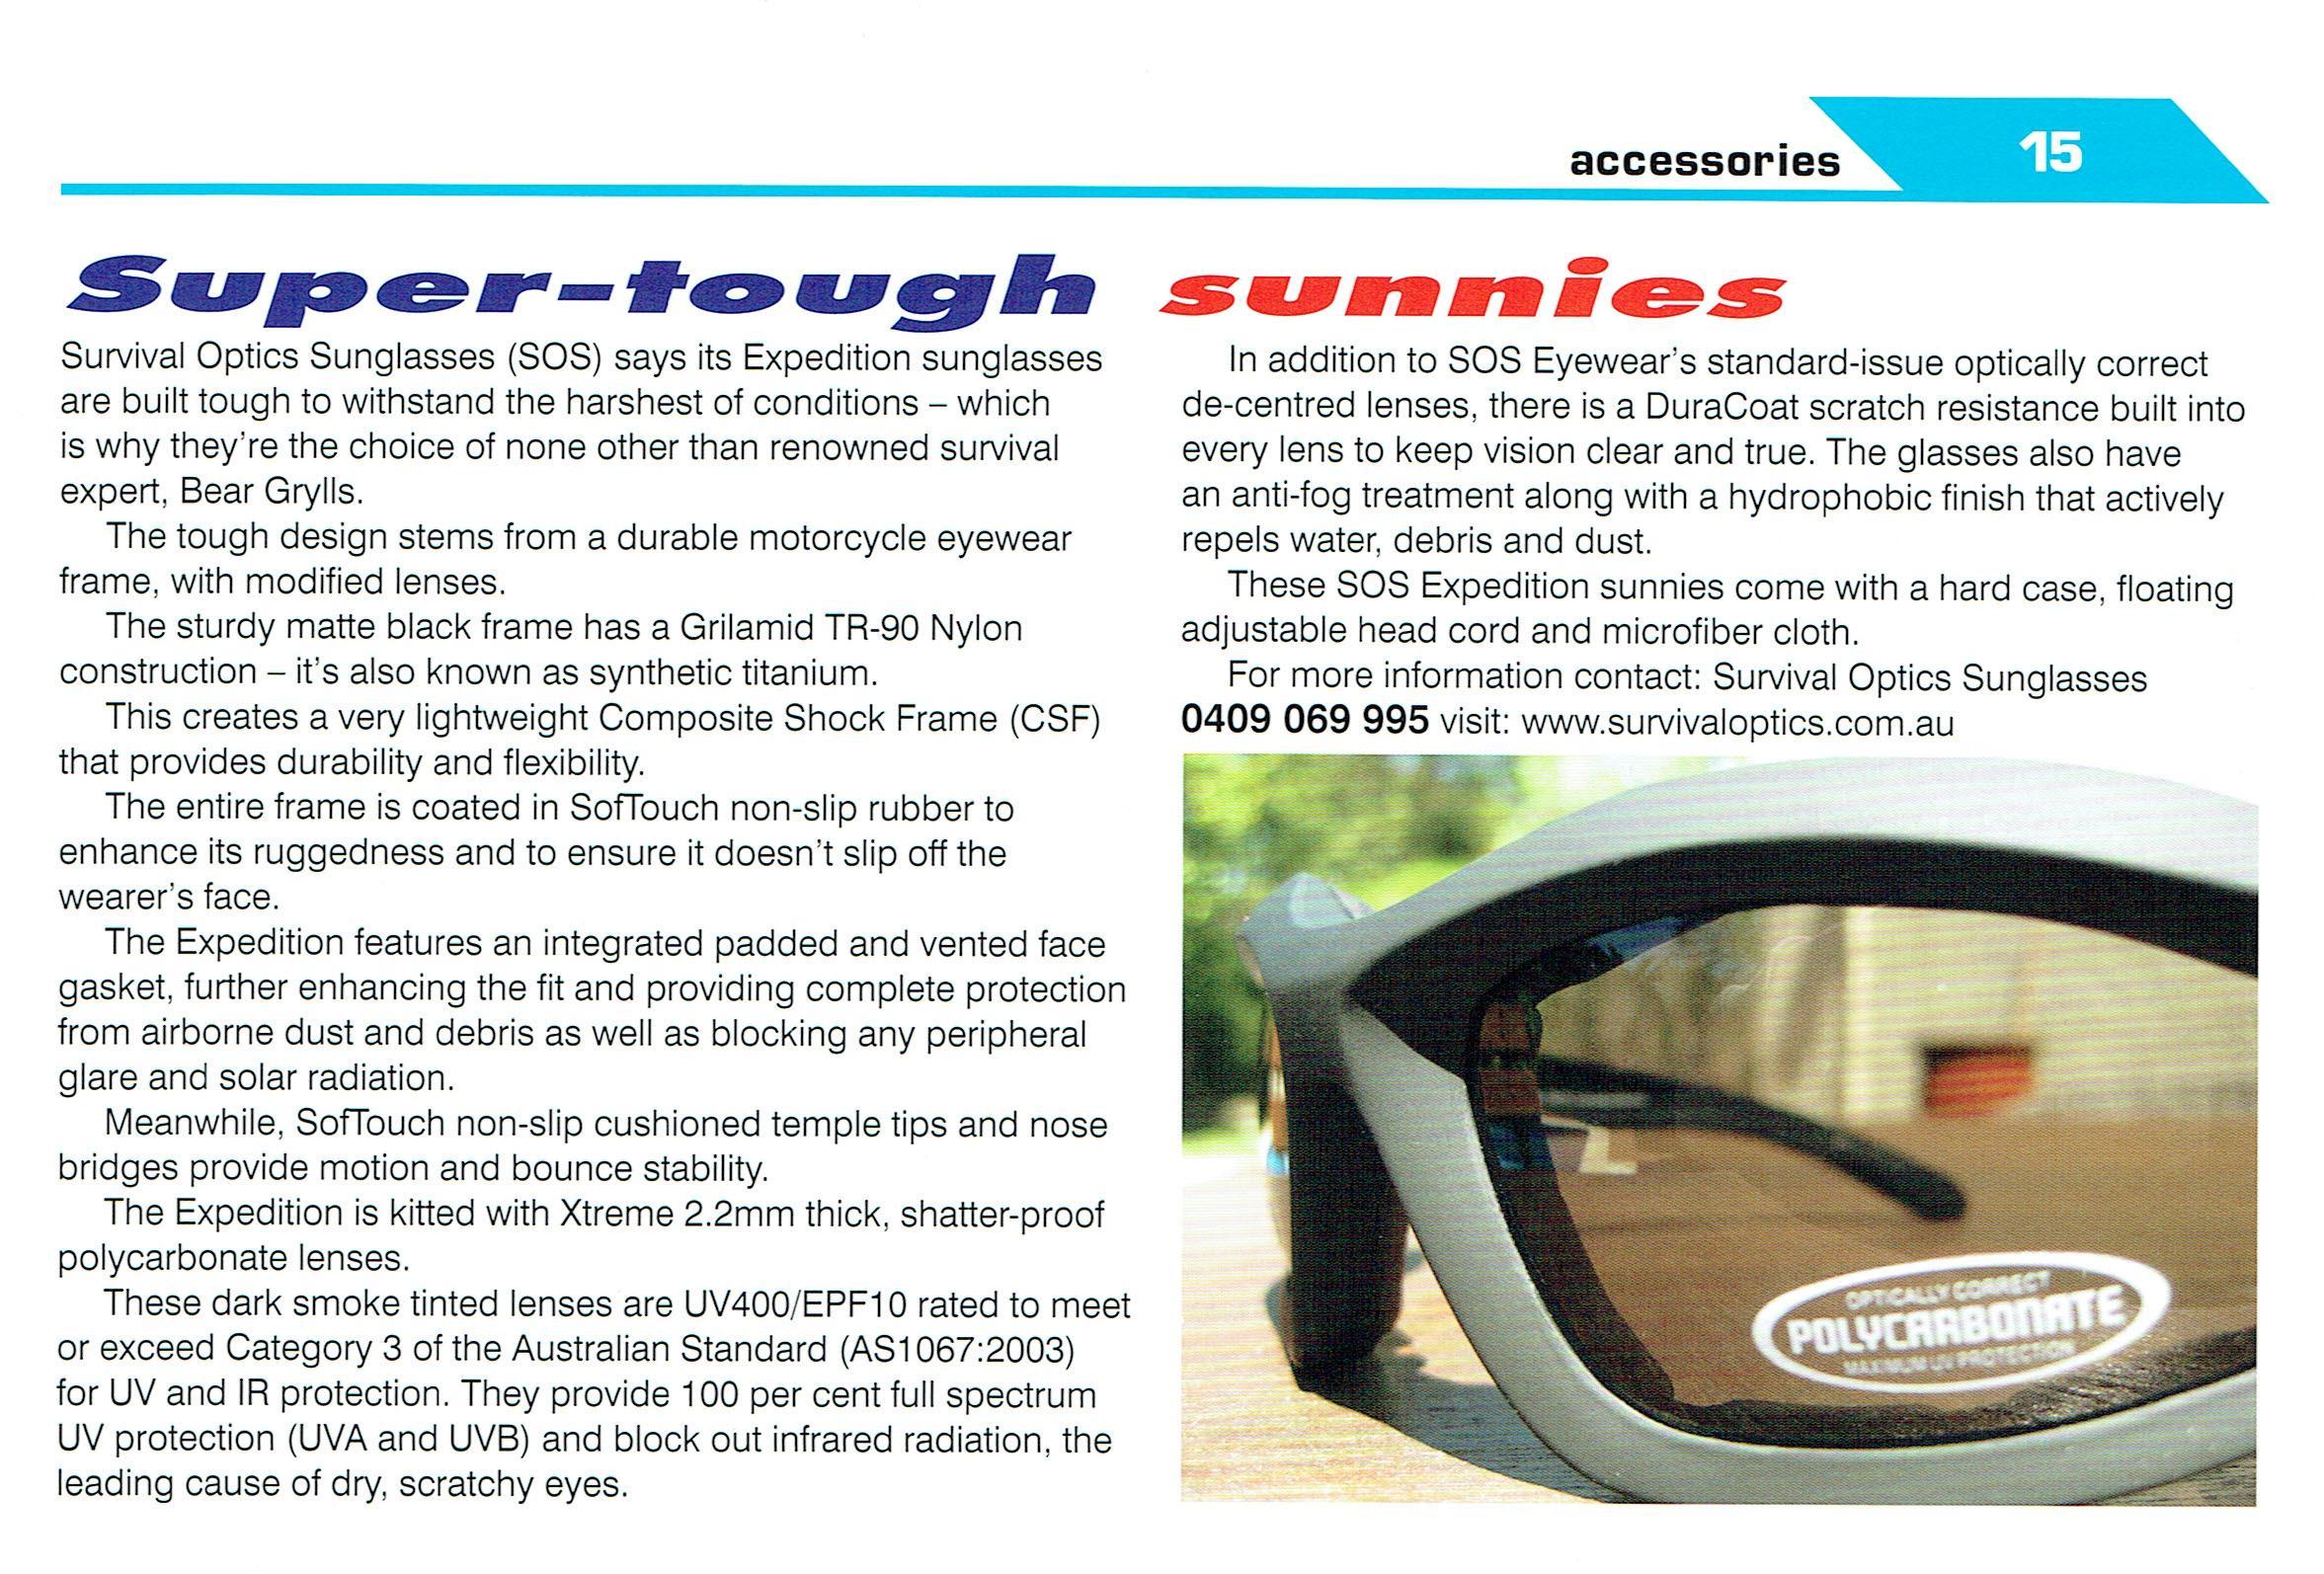 Bikebusiness reviews SOS Expedition sunglasses